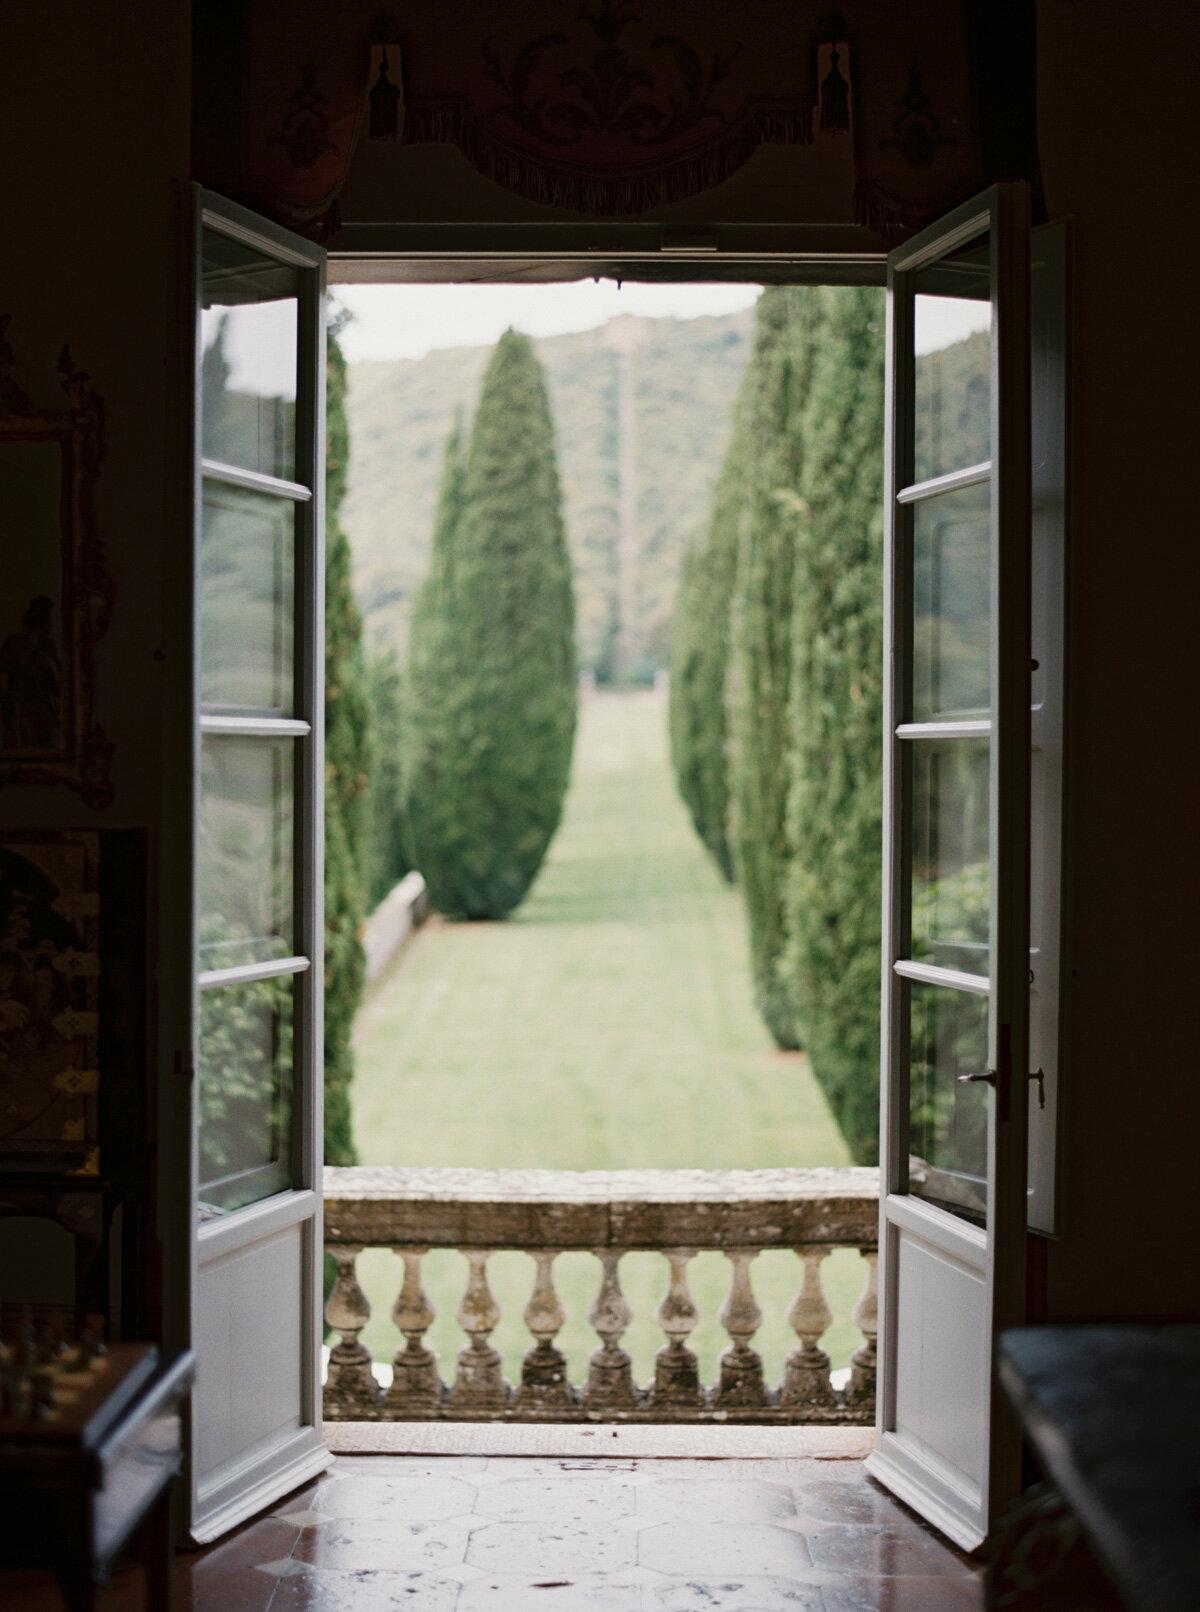 Villa-Cetinale-Tuscany-Katie-Grant-destination-wedding (9 of 115).jpg